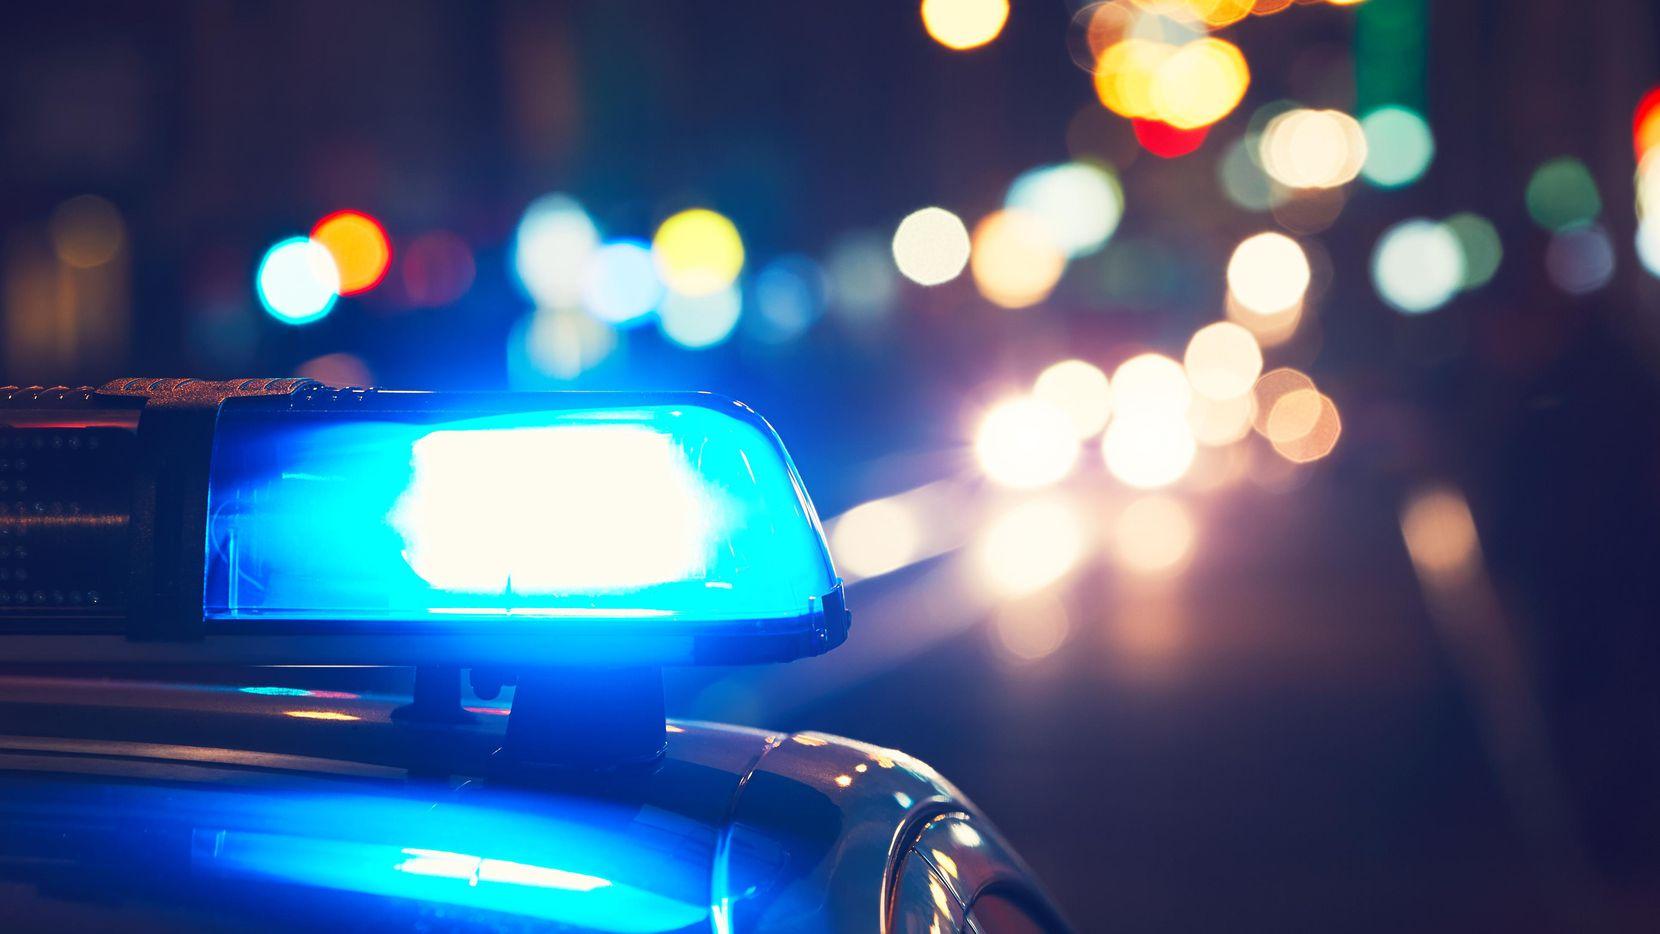 Una patrulla de policía en misión de vigilancia(iSTOCK)